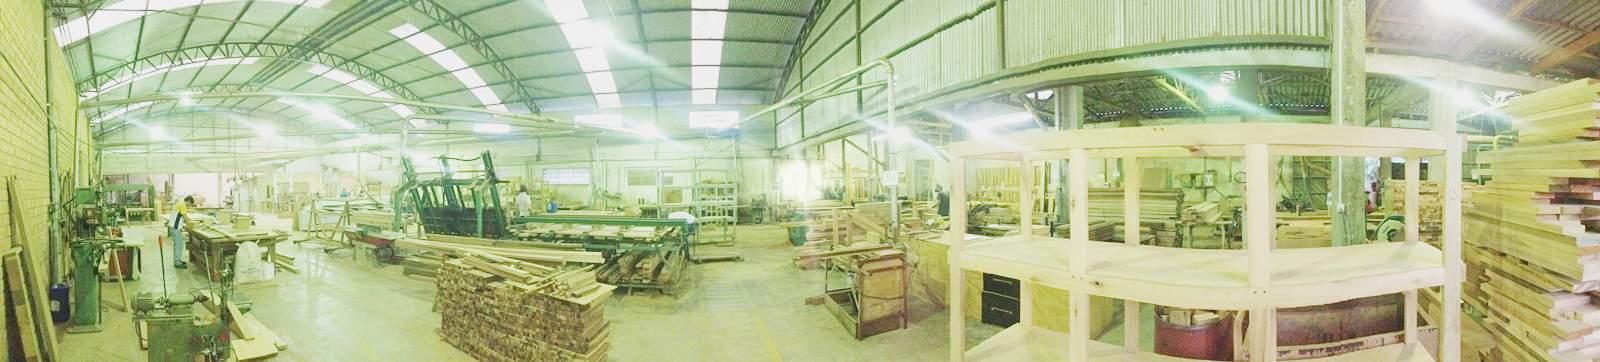 Portalmad | Portas e Janelas - Fábrica de esquadrias de madeira - Portas Externas - Internas - Maciças - Sólidas - Decorativas